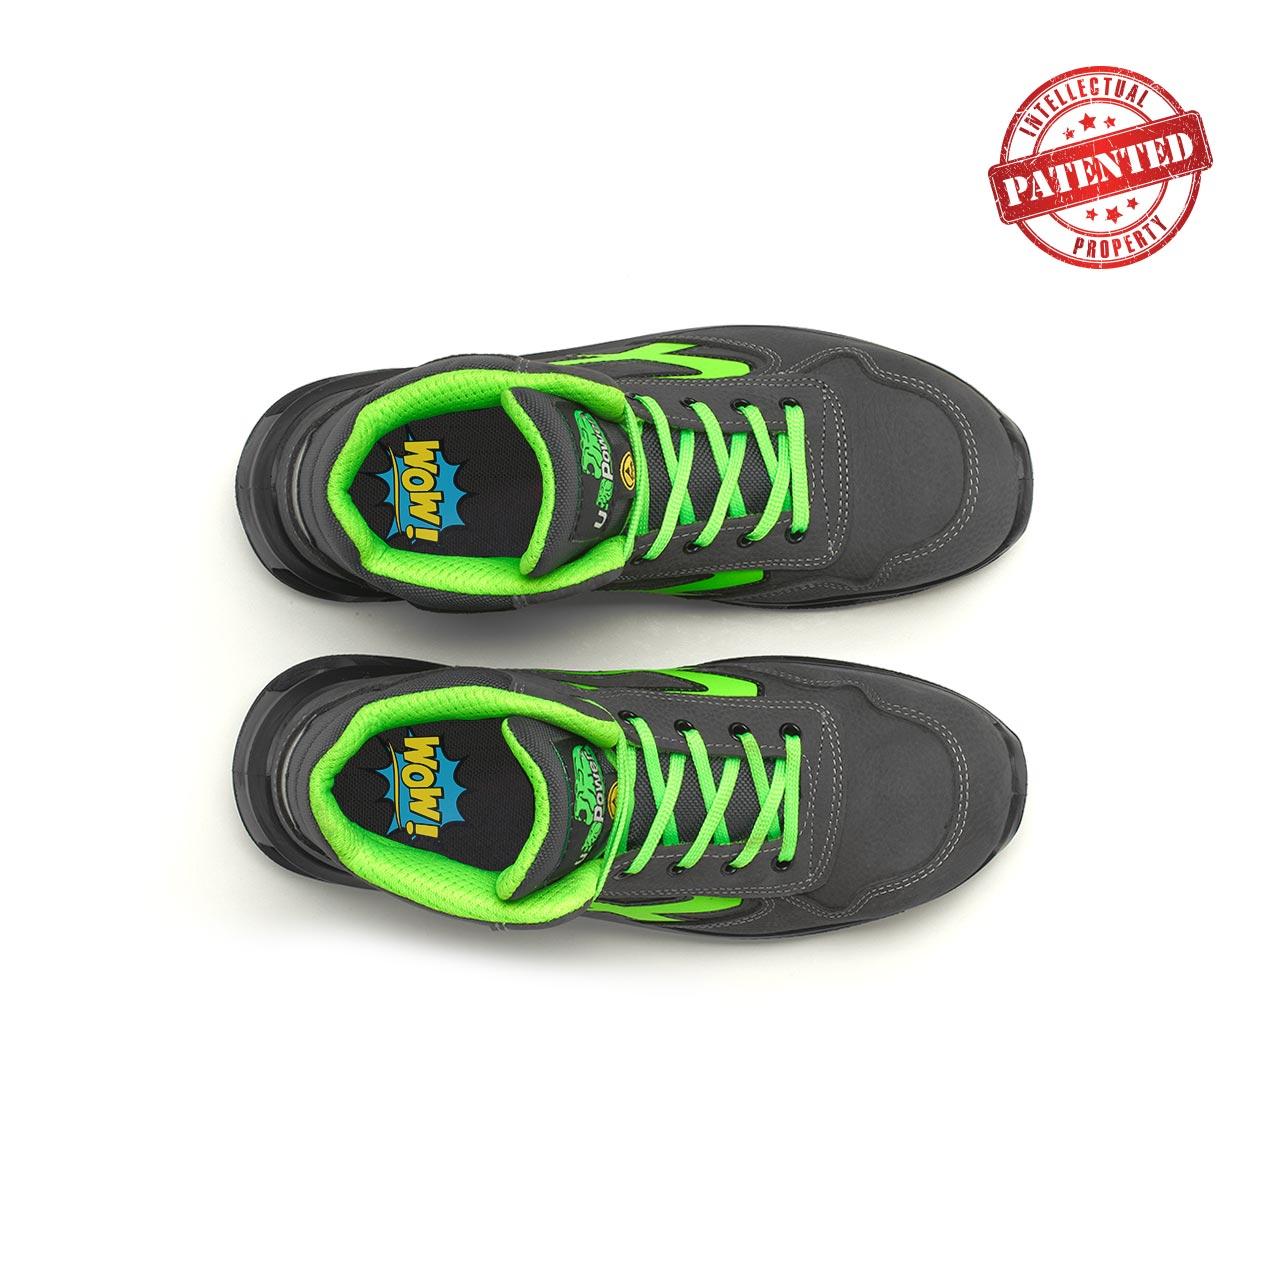 paio di scarpe antinfortunistiche alte upower modello hummer linea redlion vista top